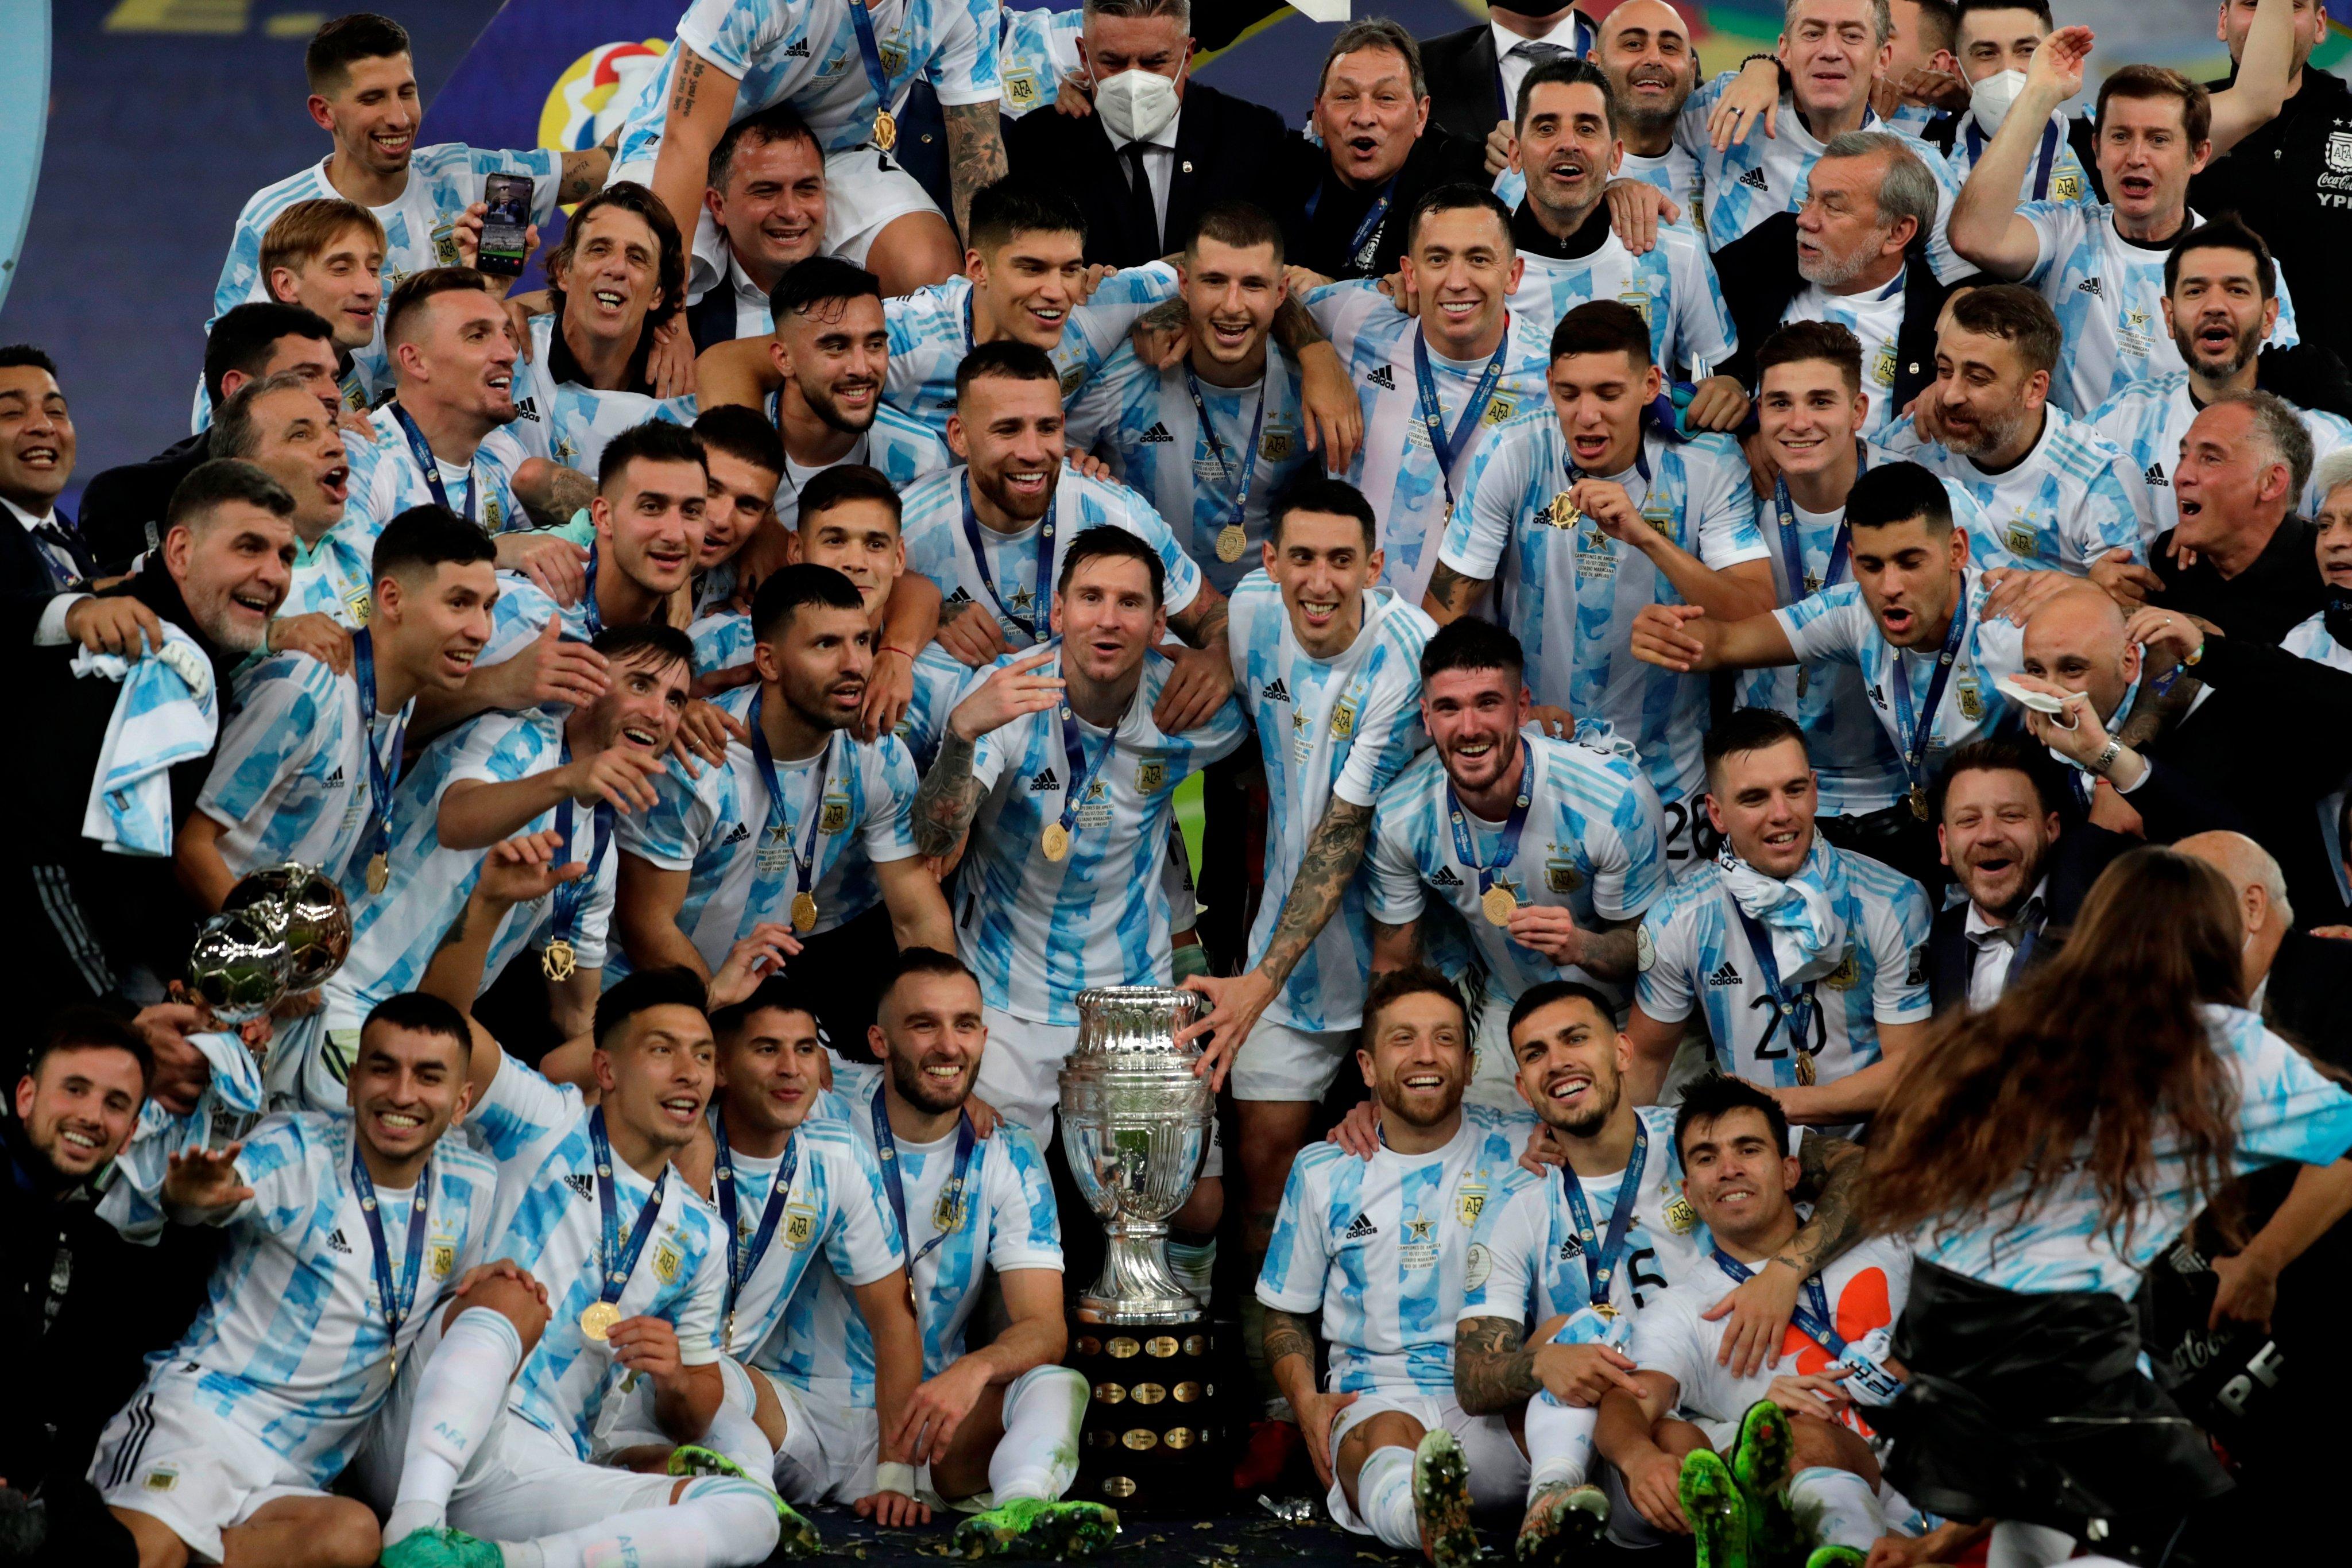 कोपा अमेरिका कप के साथ अर्जेंटीना की टीम। उसने 28 साल बाद यह खिताब जीता है।